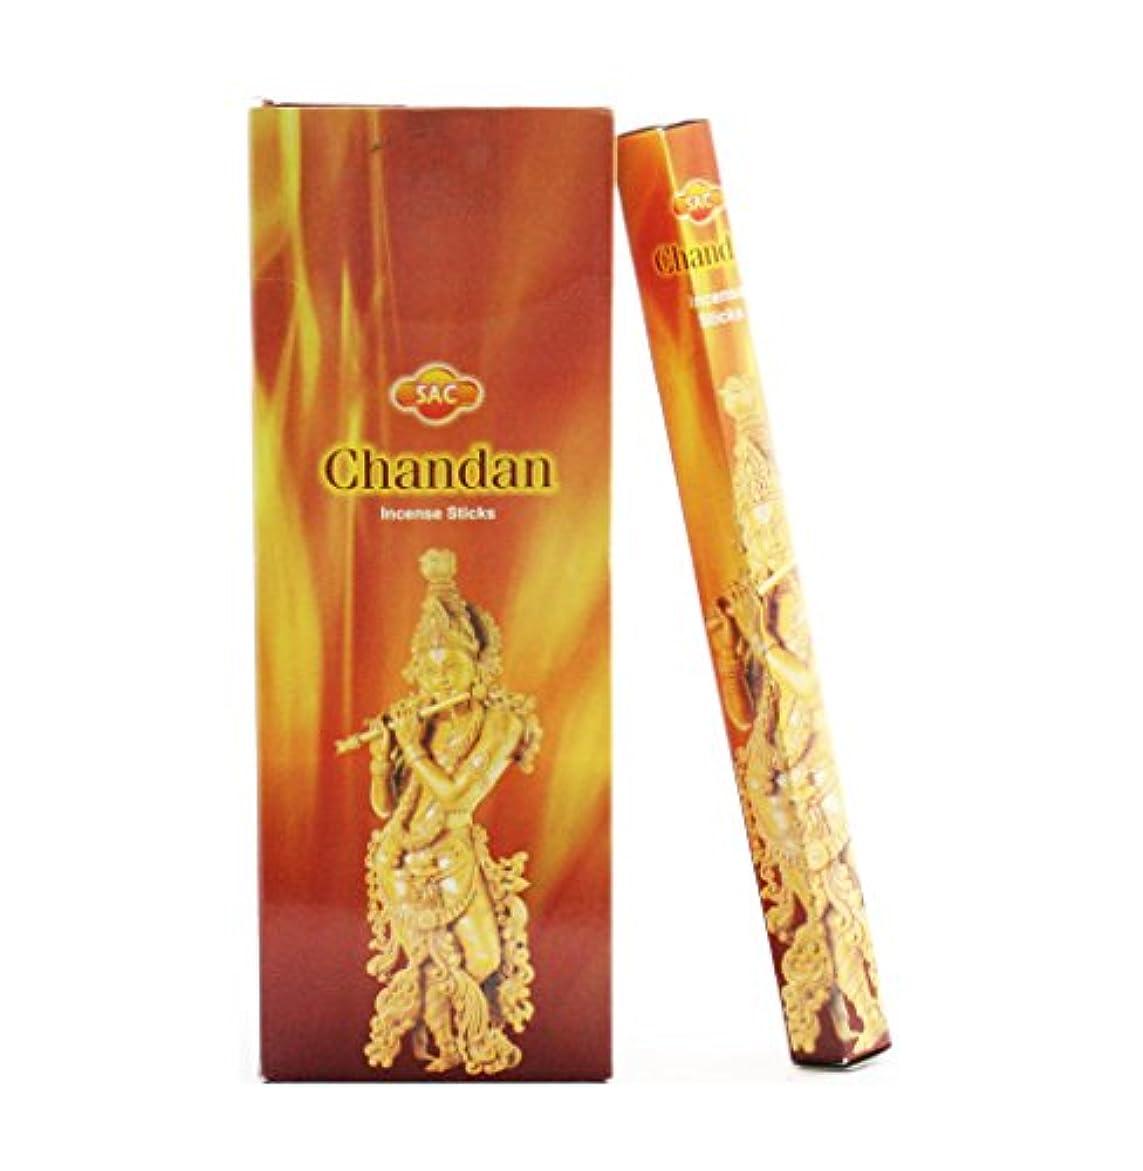 放射する電報スロベニアJBJ Sac Chandan Incense、120-sticks